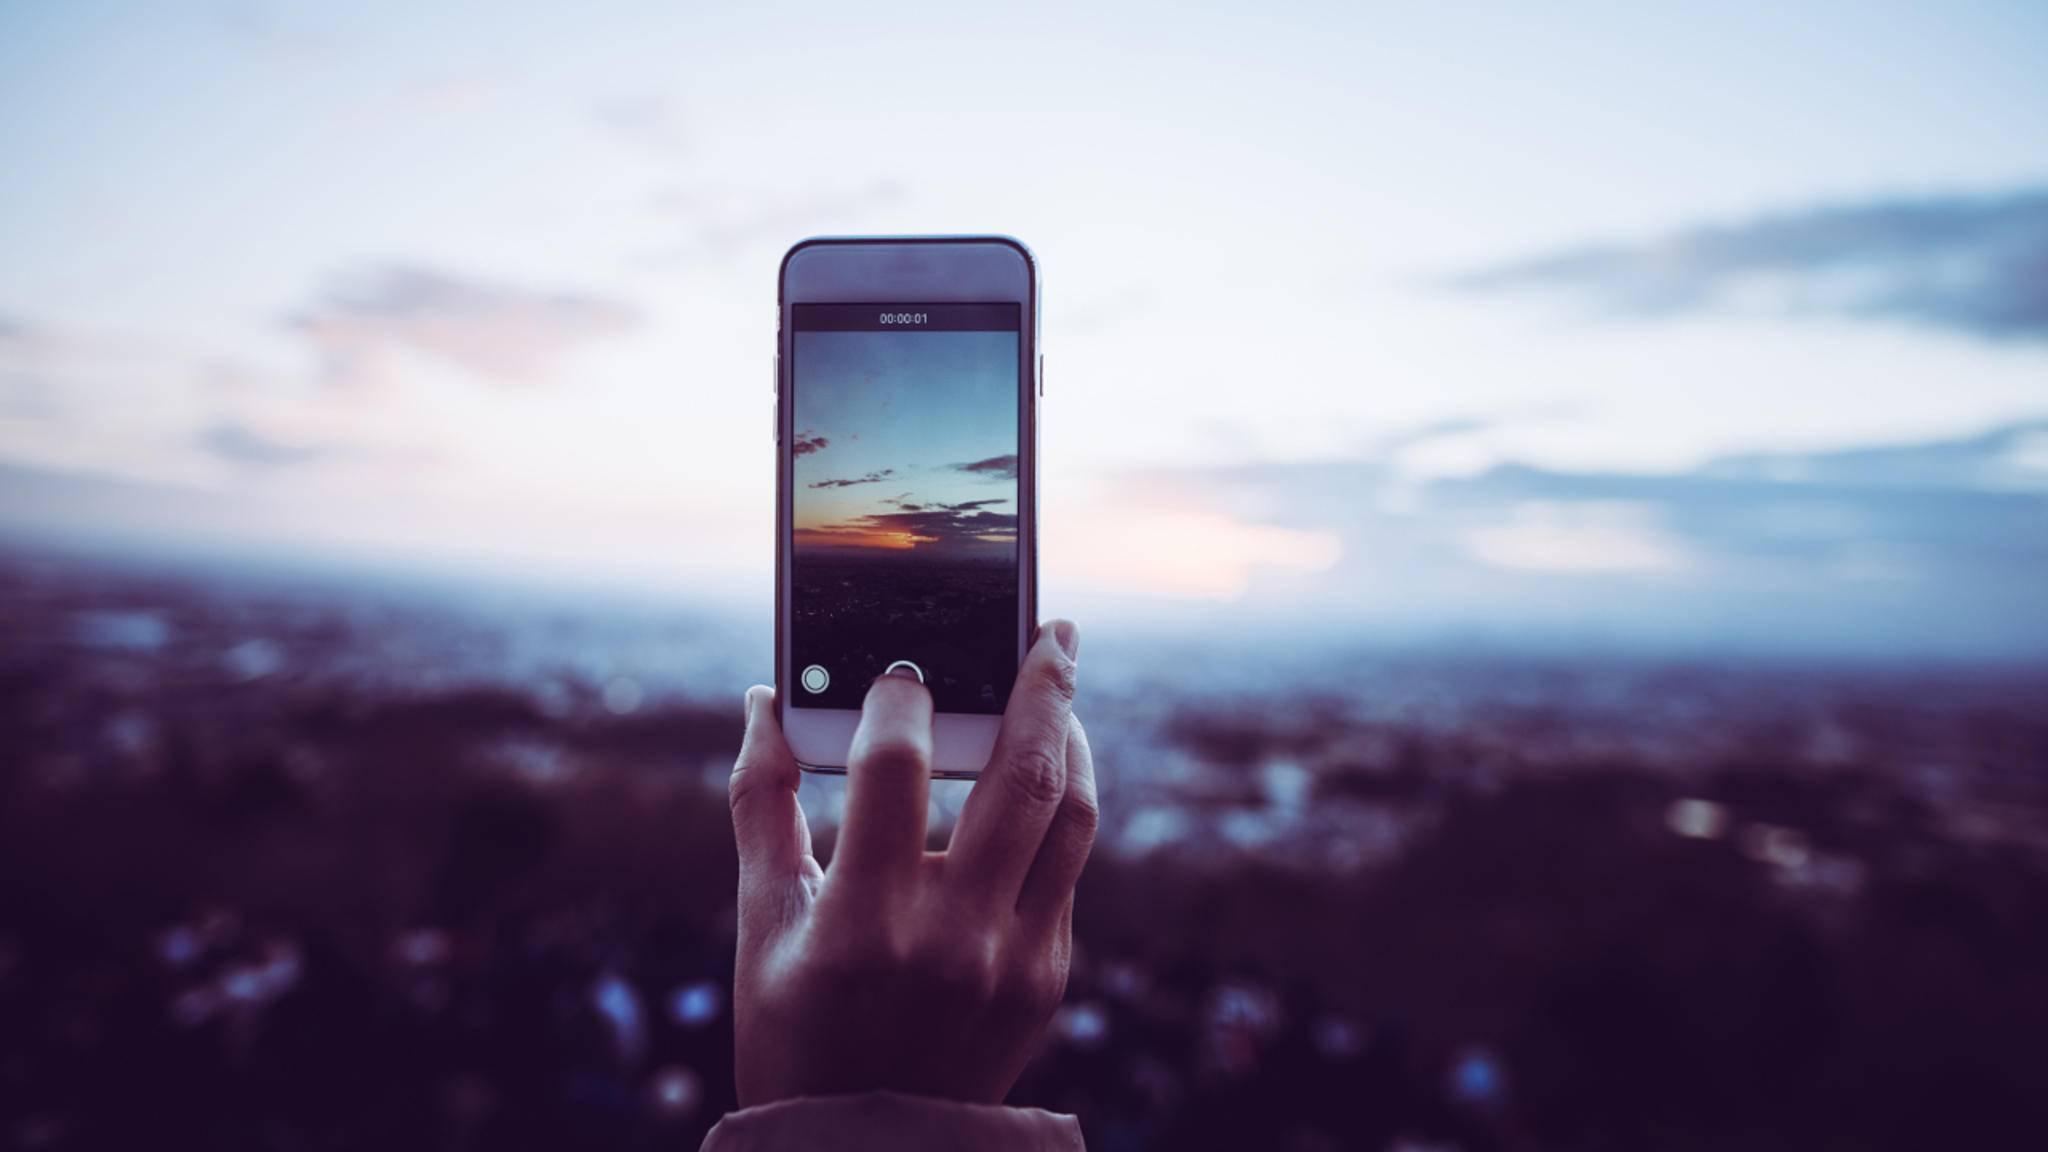 Wie könnten Handy-Kameras in Zukunft noch besser werden?